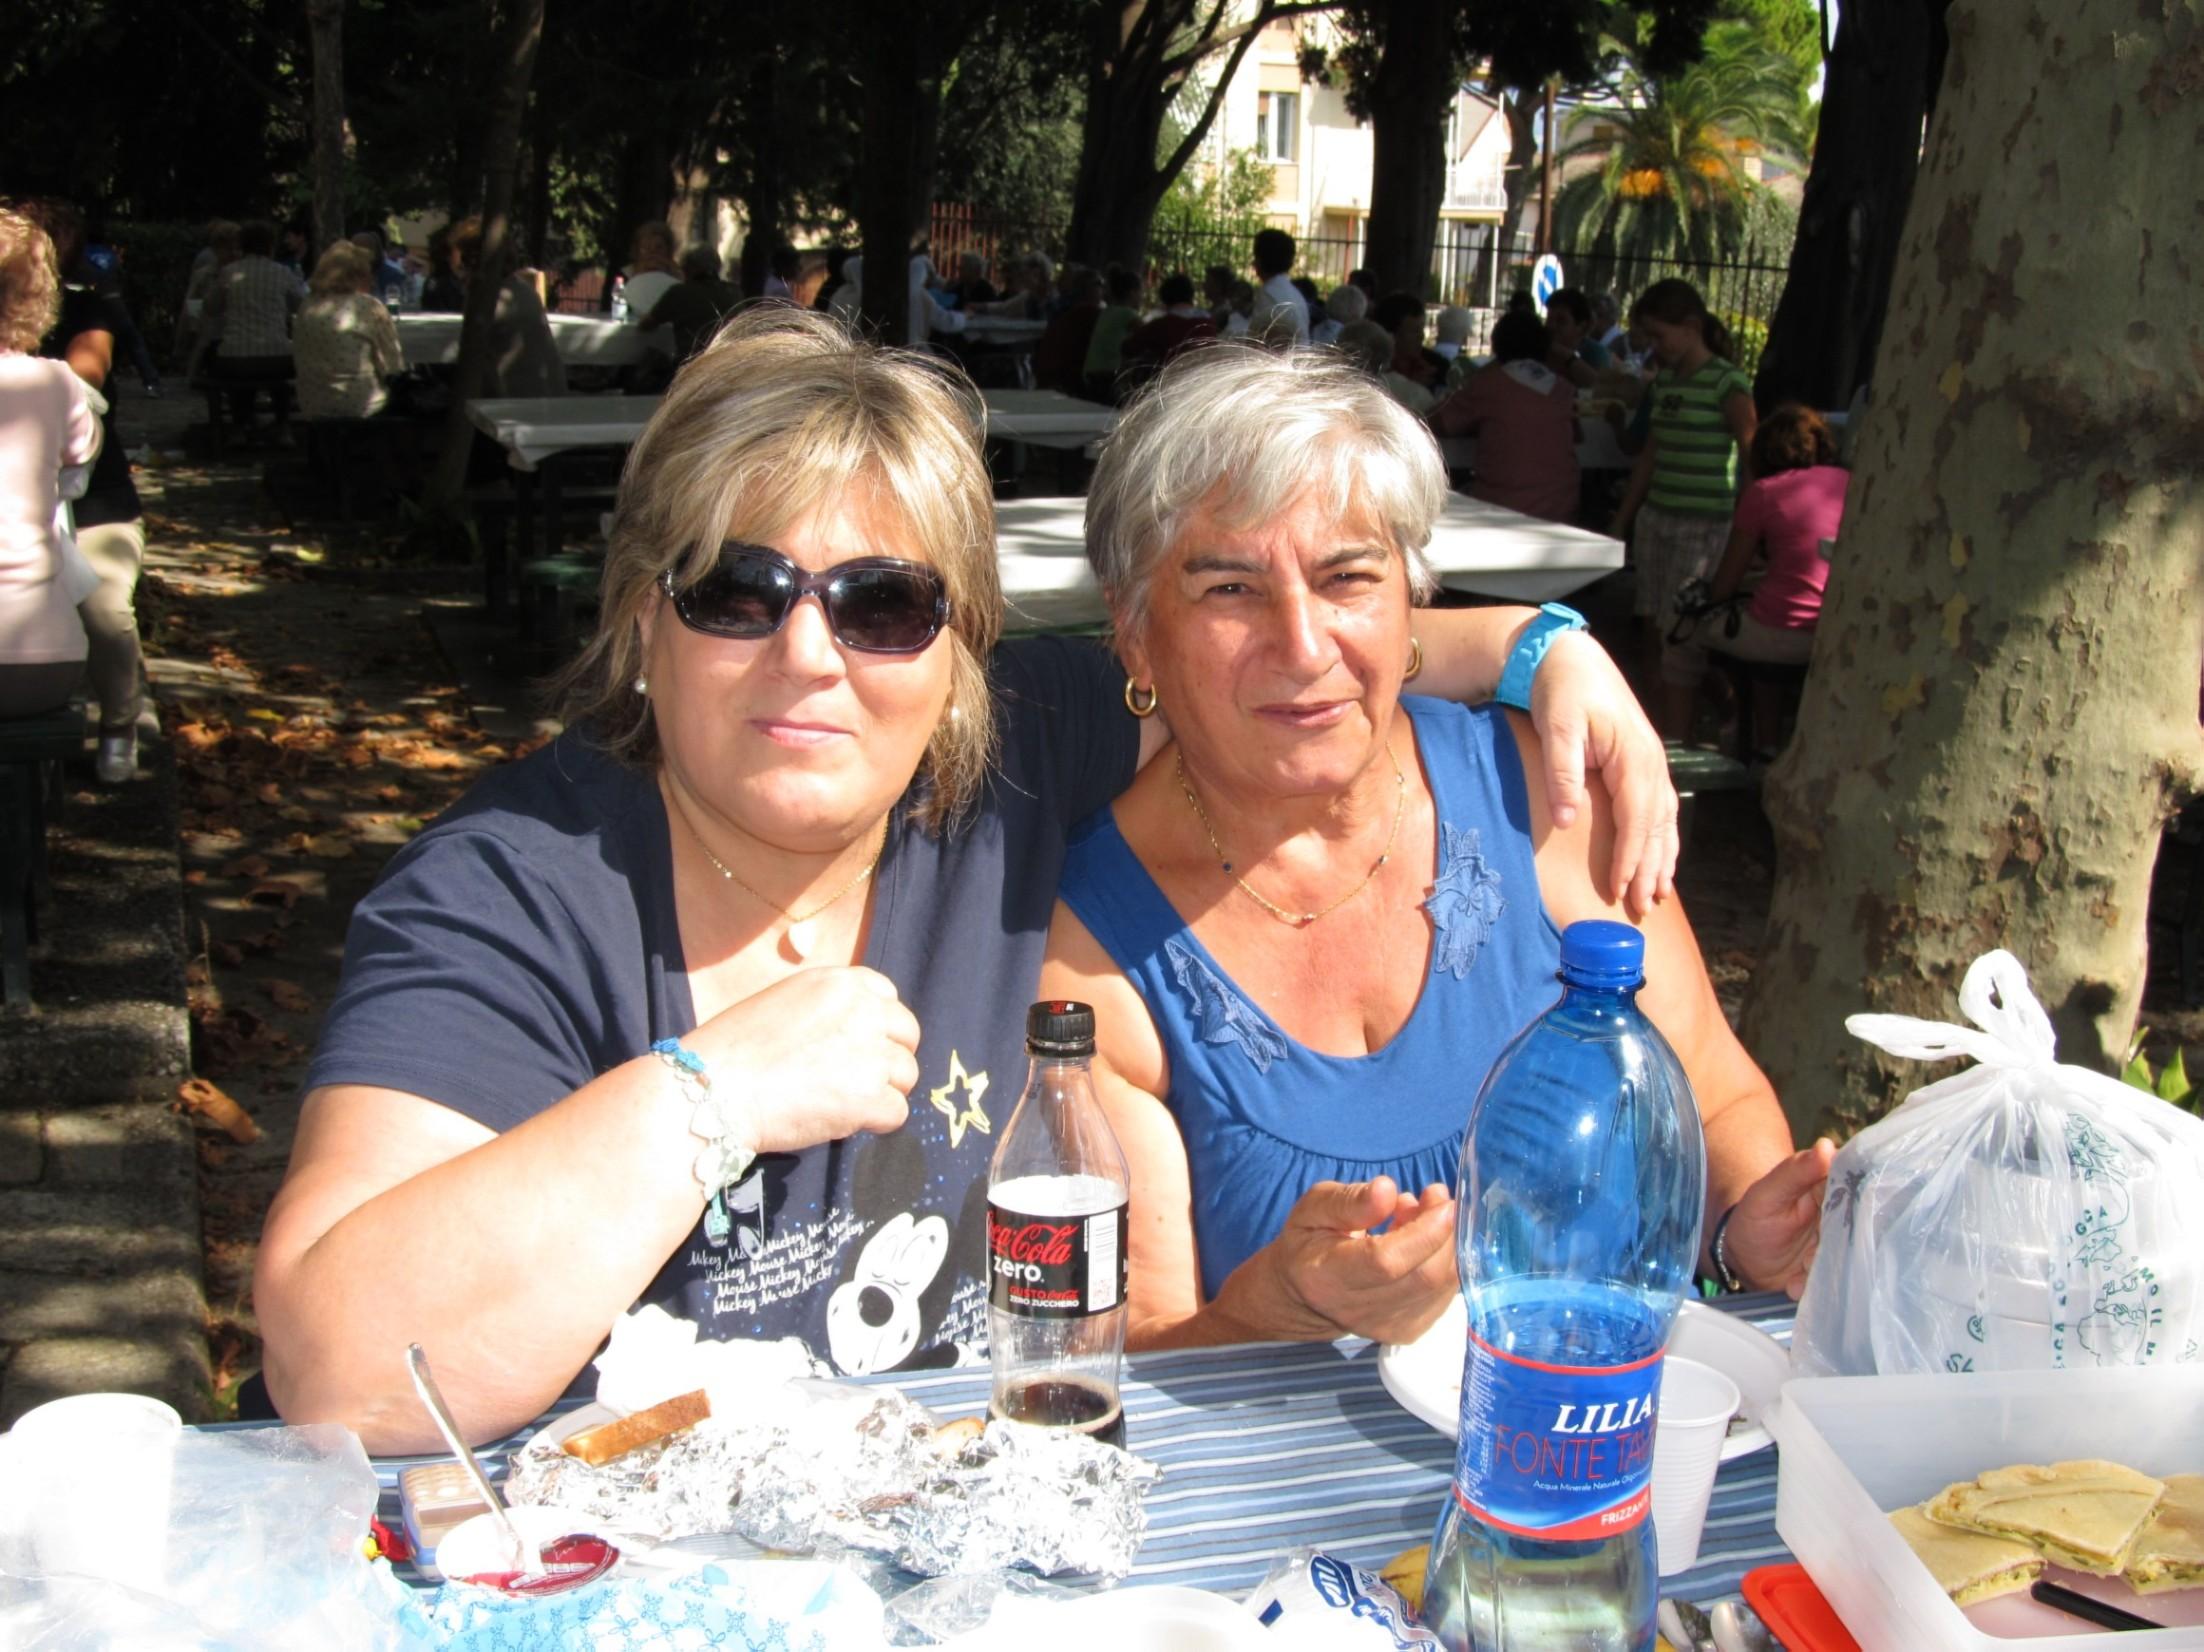 giornata_comunita_arenzano-2013-09-22-13-00-32